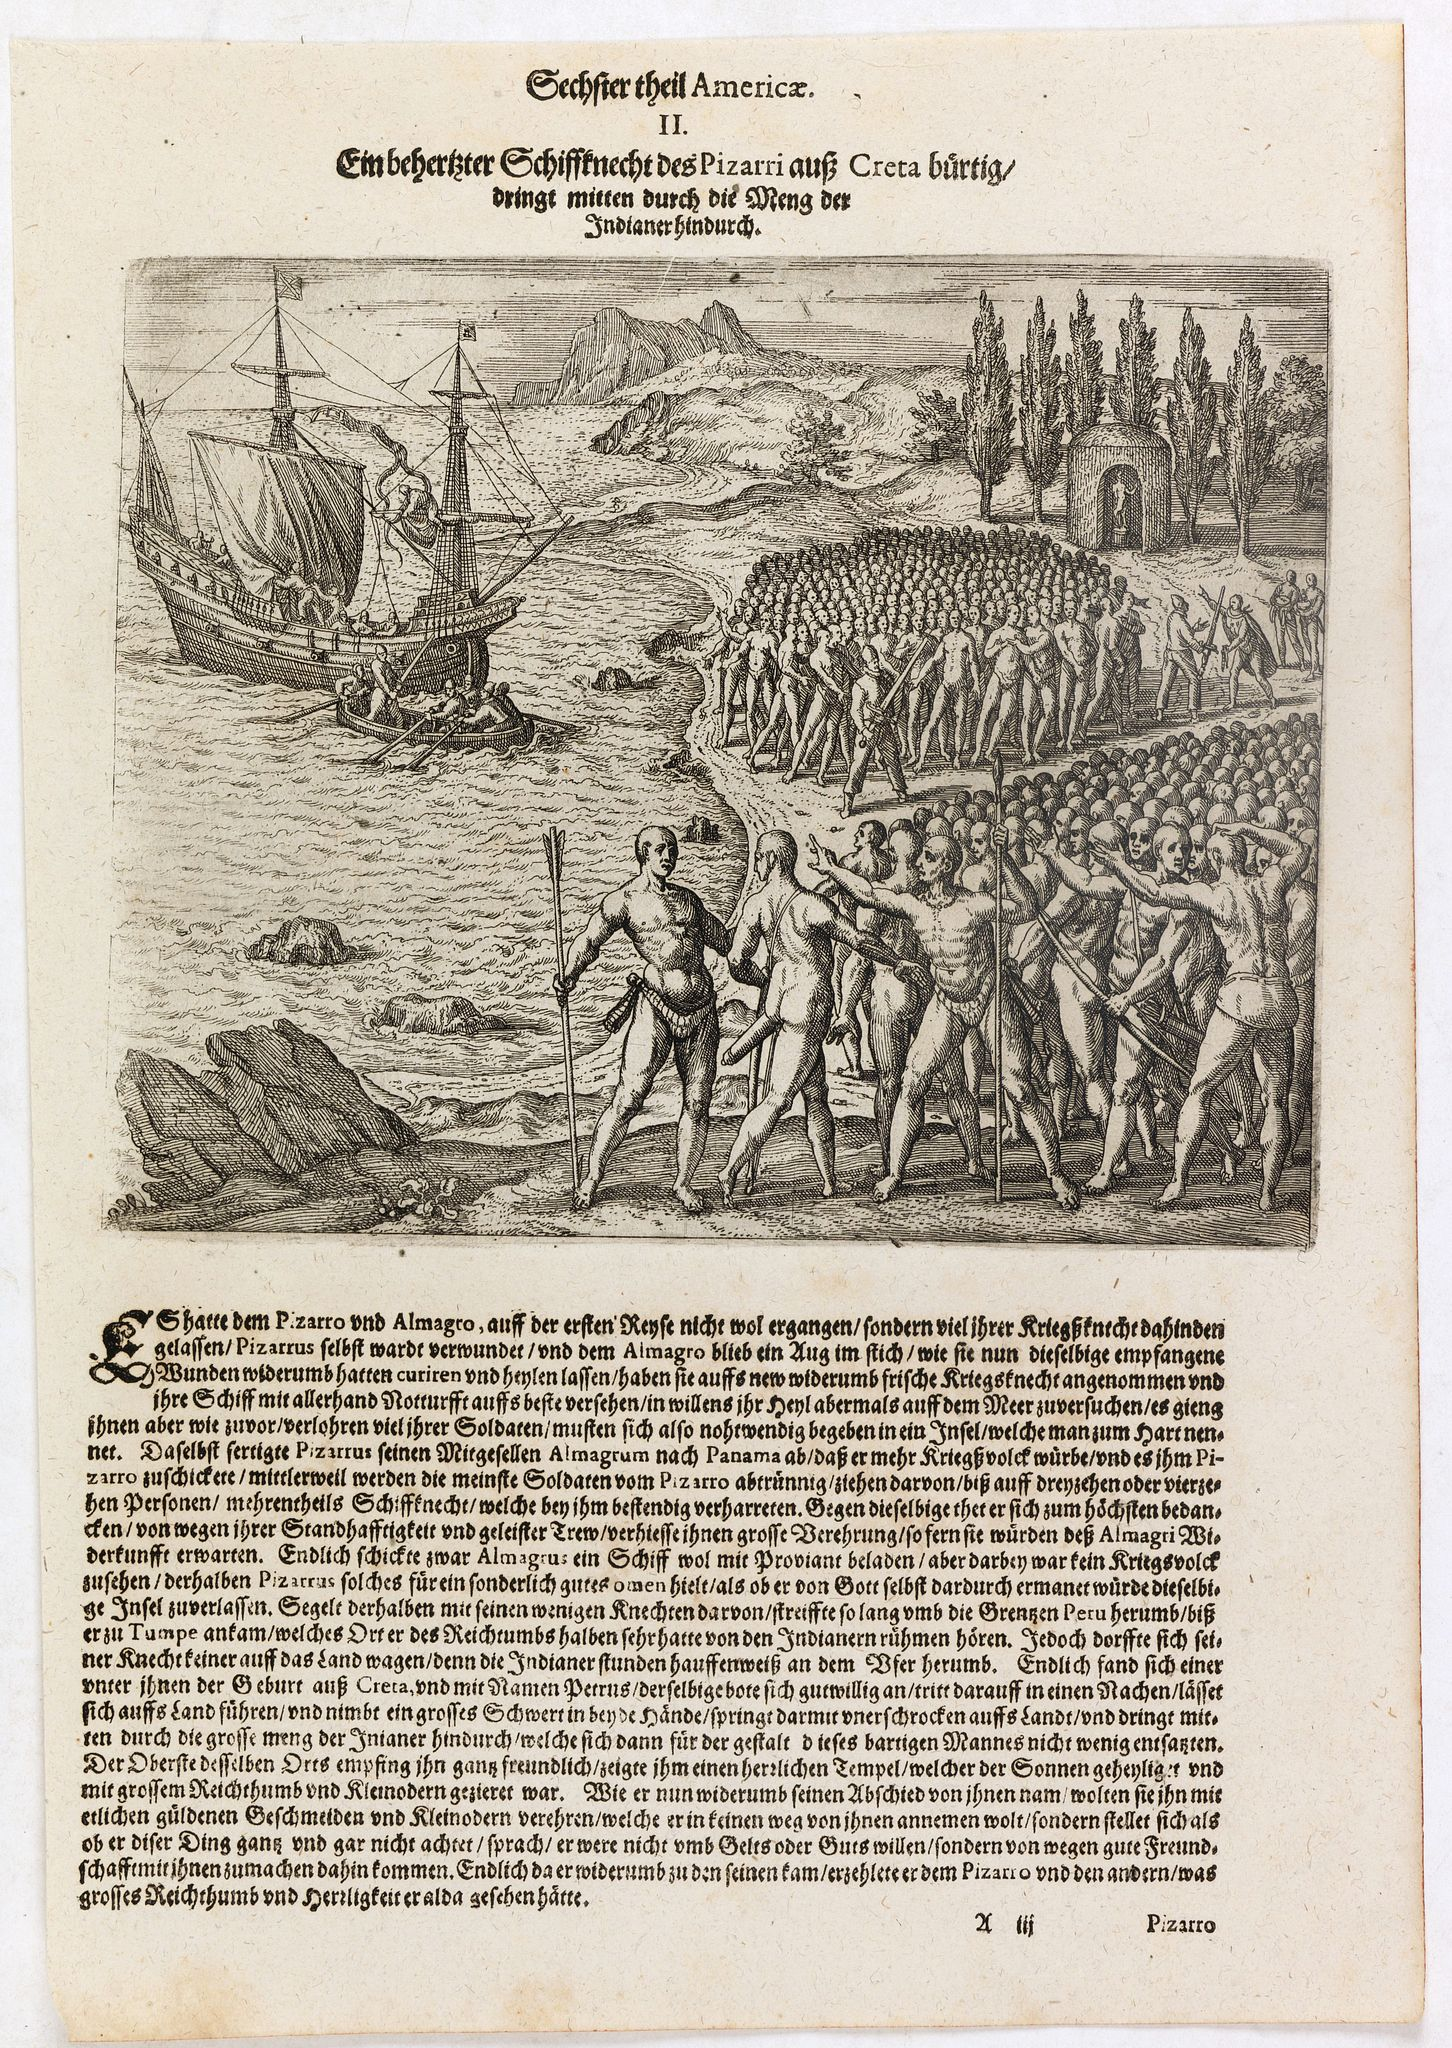 DE BRY, Th. -  Ein behertzter Schiffknecht dess Pizarri auss Creta bürtig drengt mitten durch die Meng de. . .